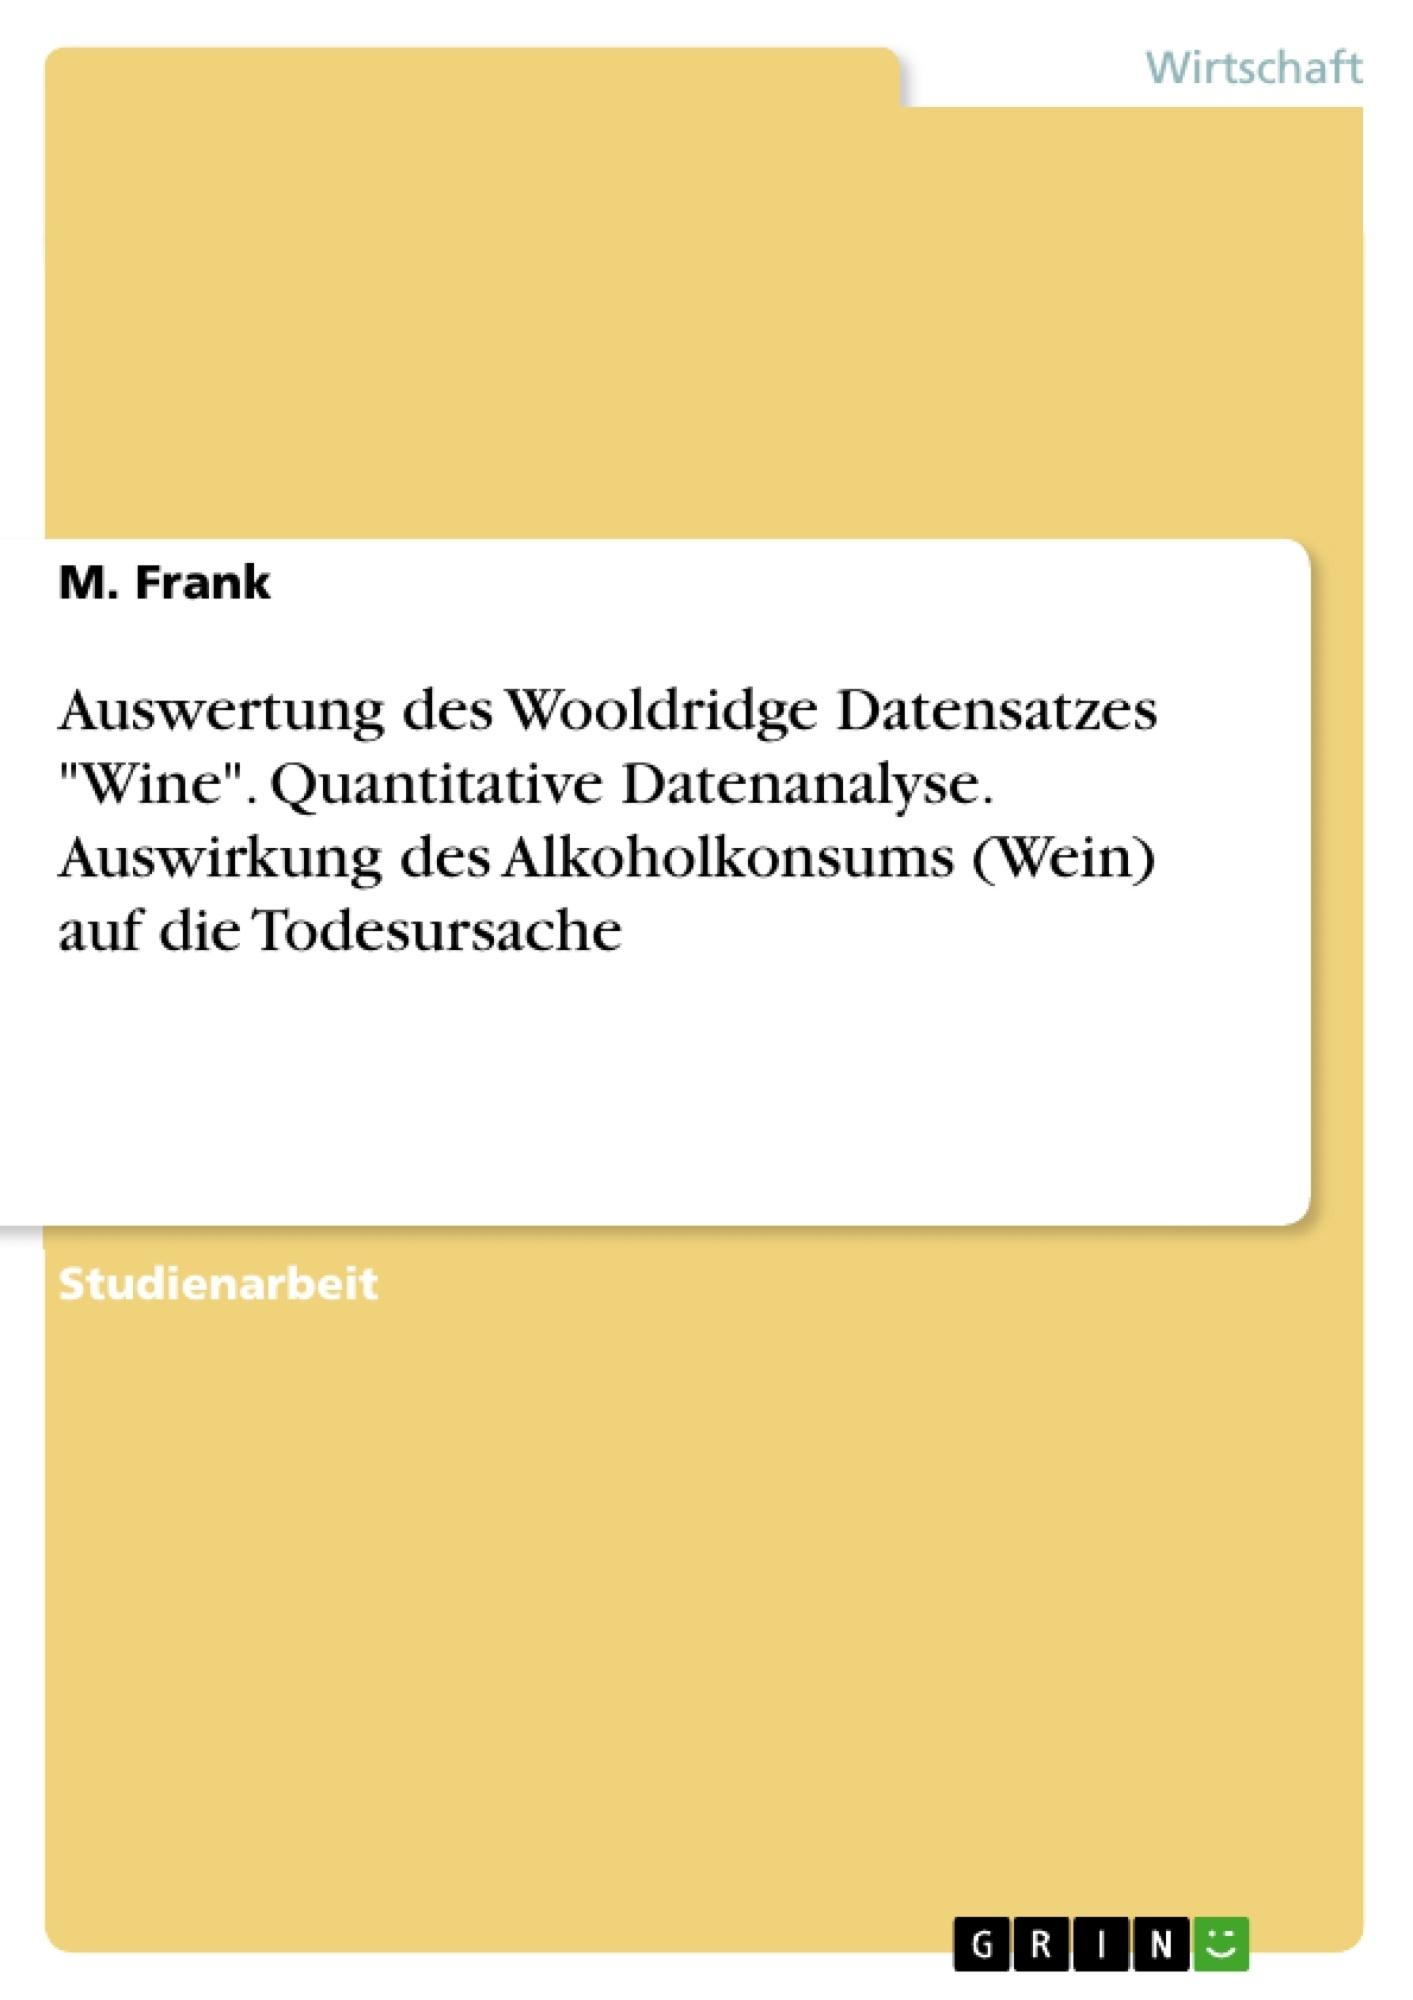 """Titel: Auswertung des Wooldridge Datensatzes """"Wine"""". Quantitative Datenanalyse. Auswirkung des Alkoholkonsums (Wein) auf die Todesursache"""